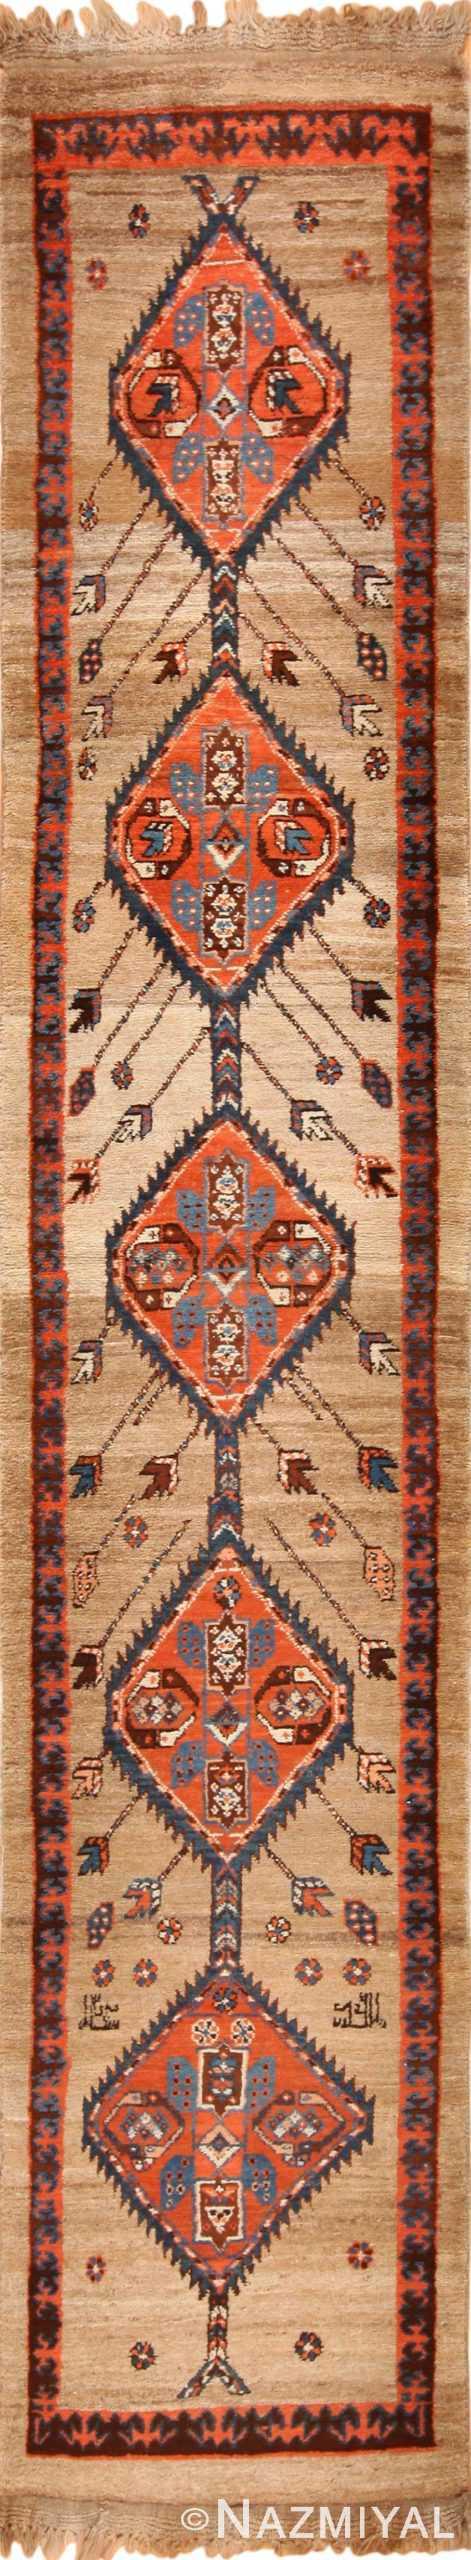 camel hair antique bakshaish runner rug 49277 Nazmiyal